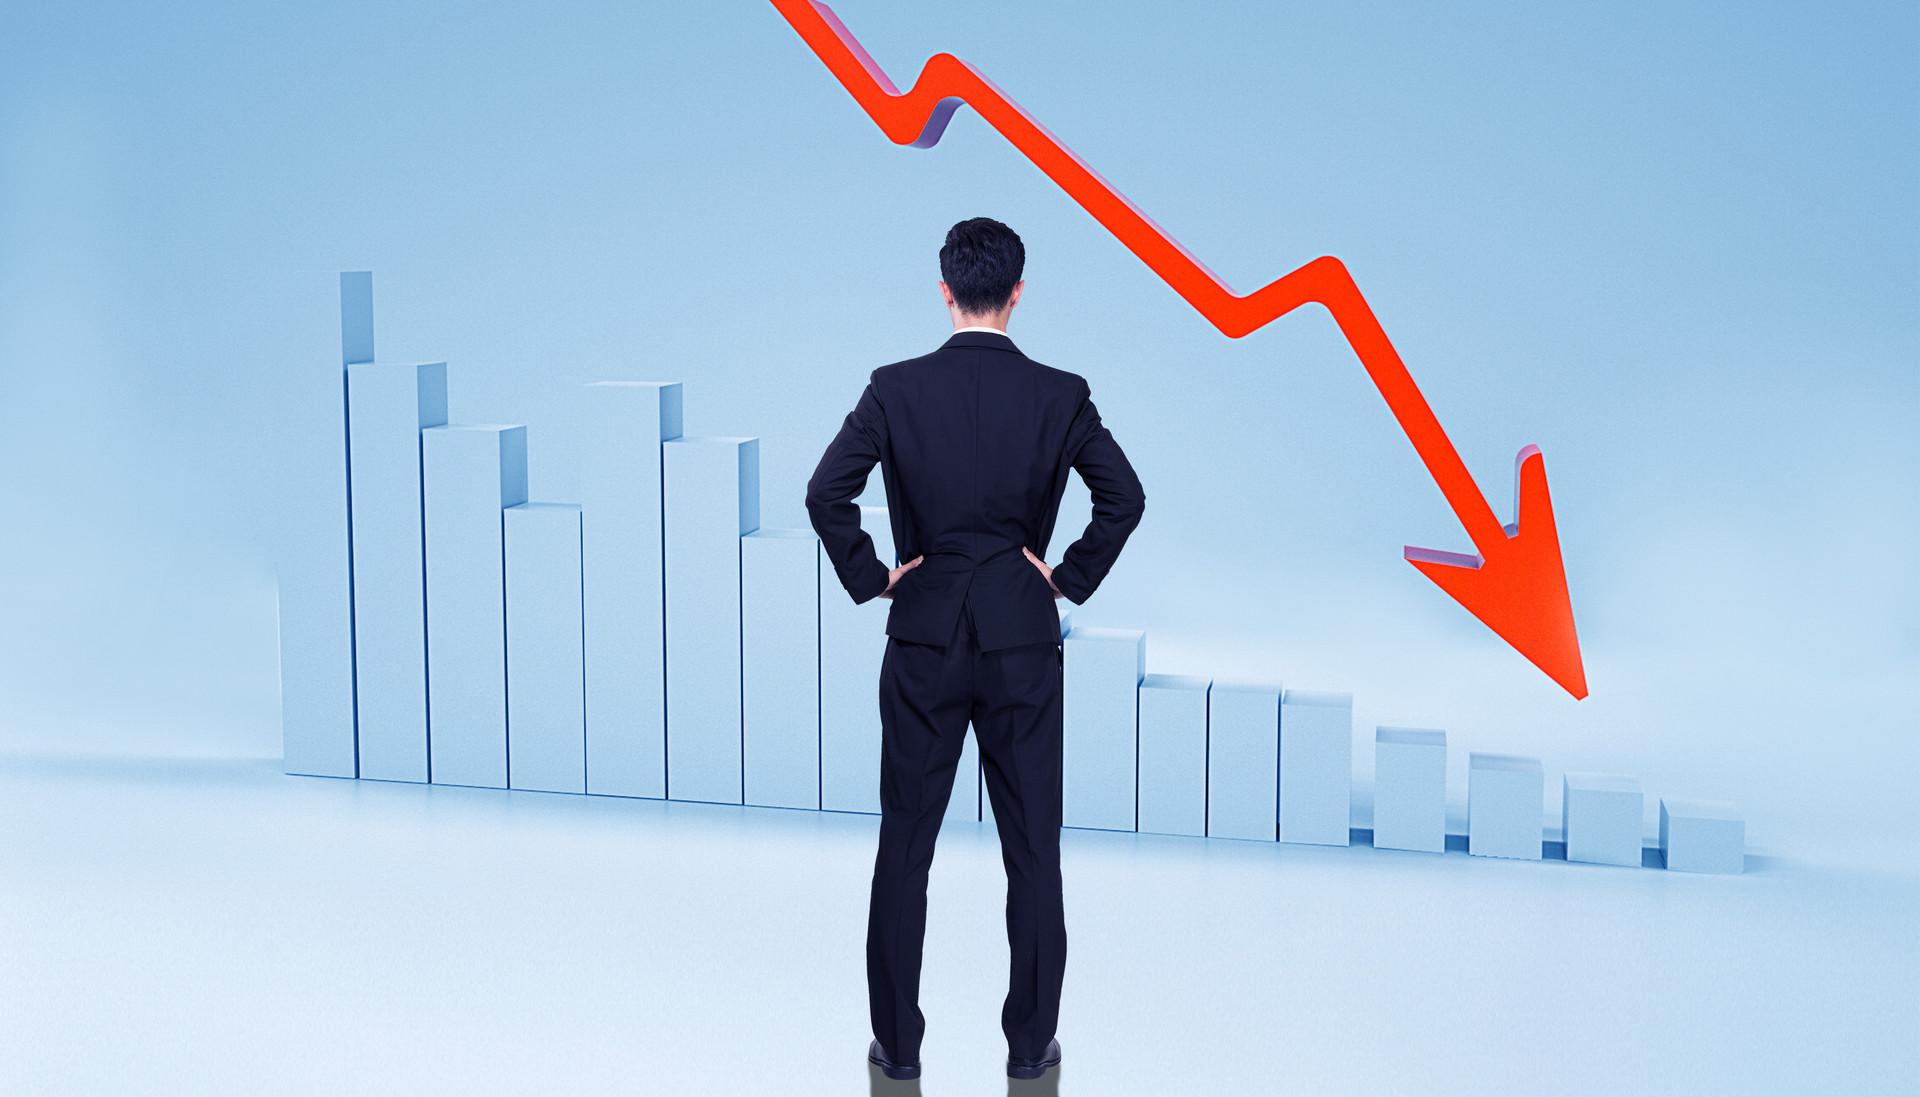 苦战!发那科预期净利润下调24亿,日本机床和建机订单低迷或陷长期化